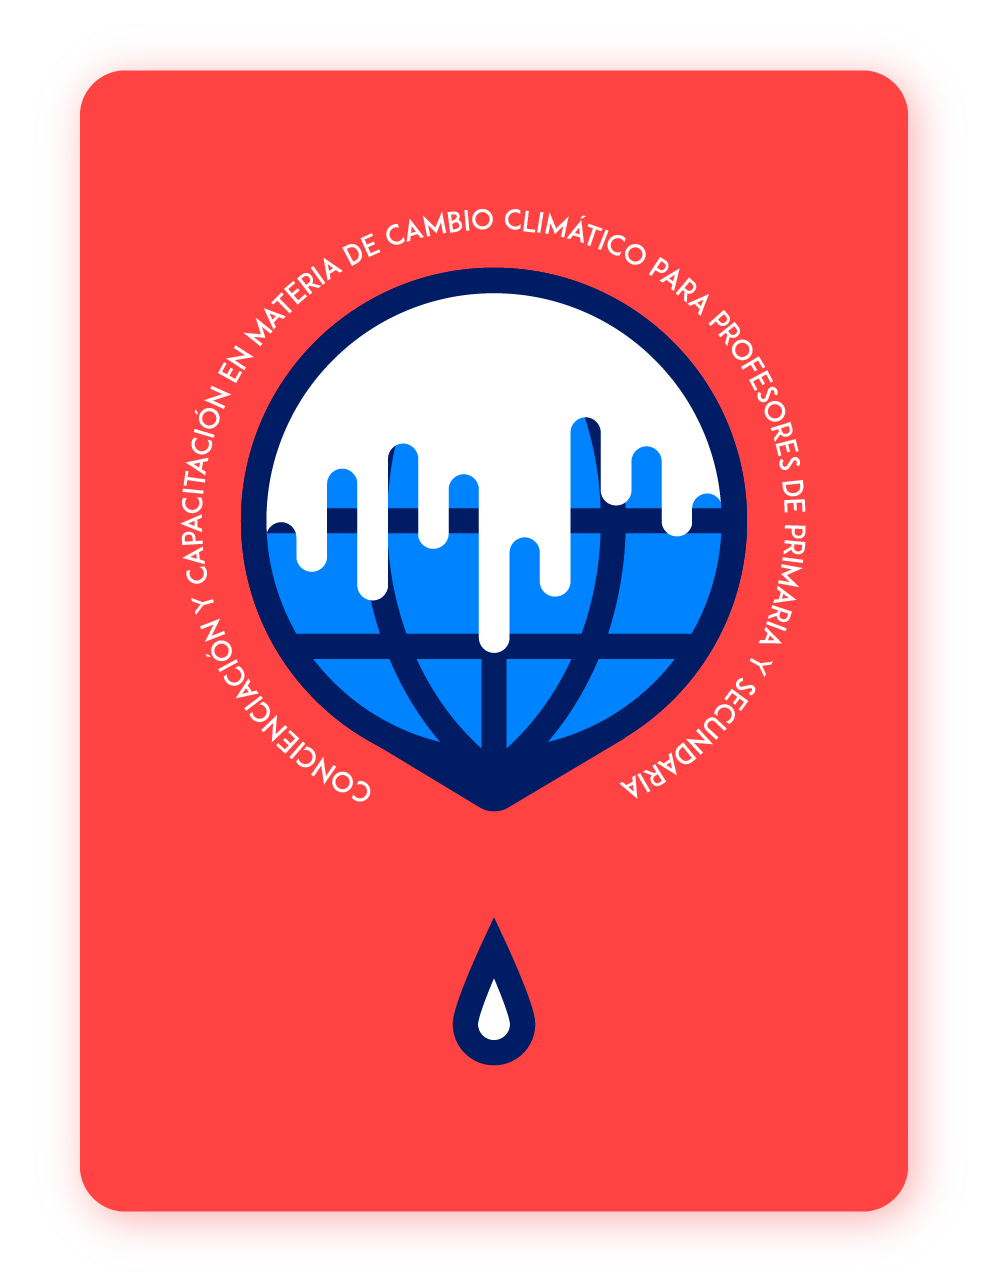 Logo_Cambio Climático 04